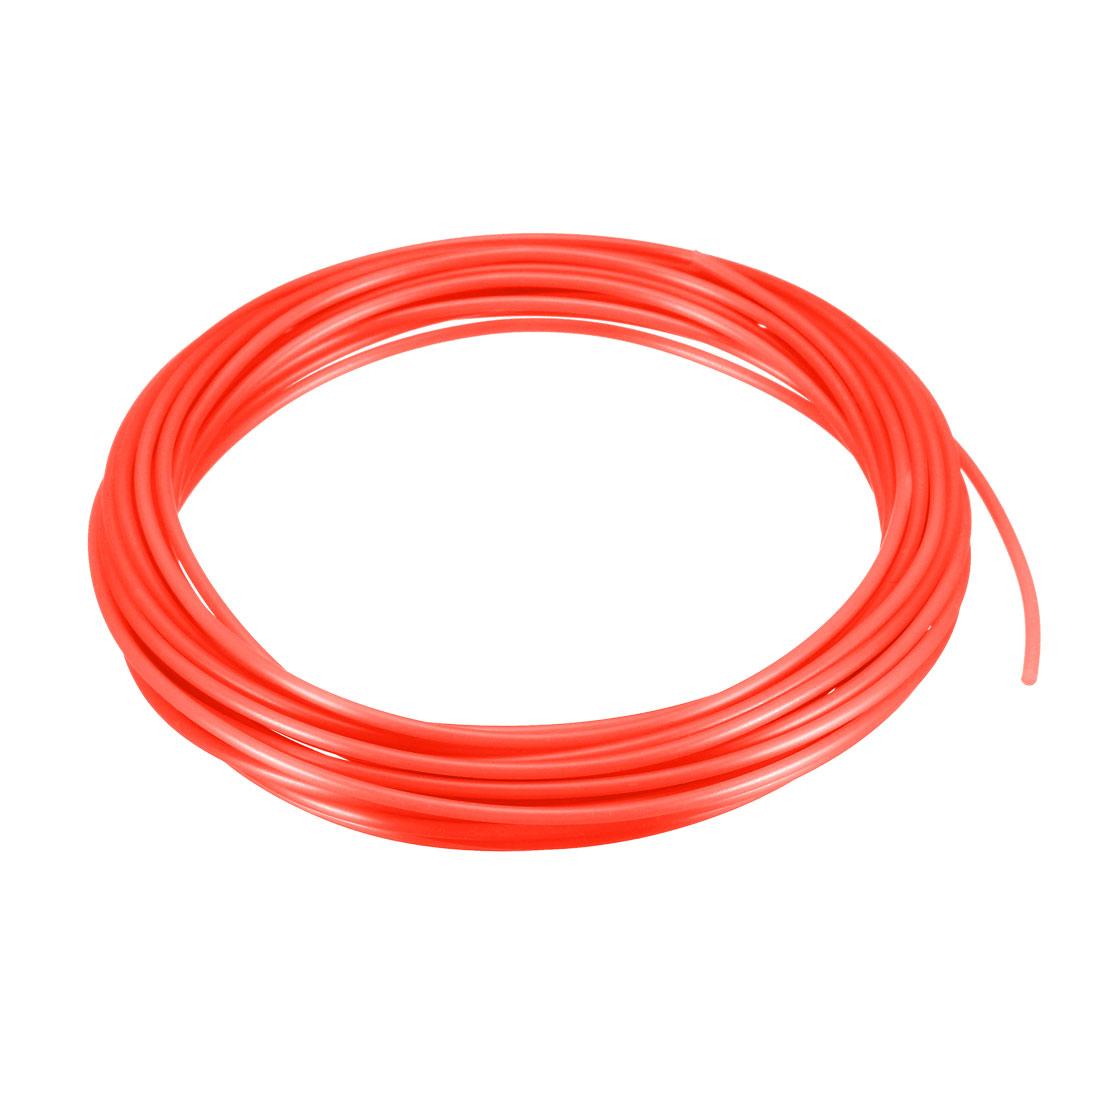 5 Meter/16 Ft PLA 3D Pen/3D Printer Filament, 1.75 mm Red